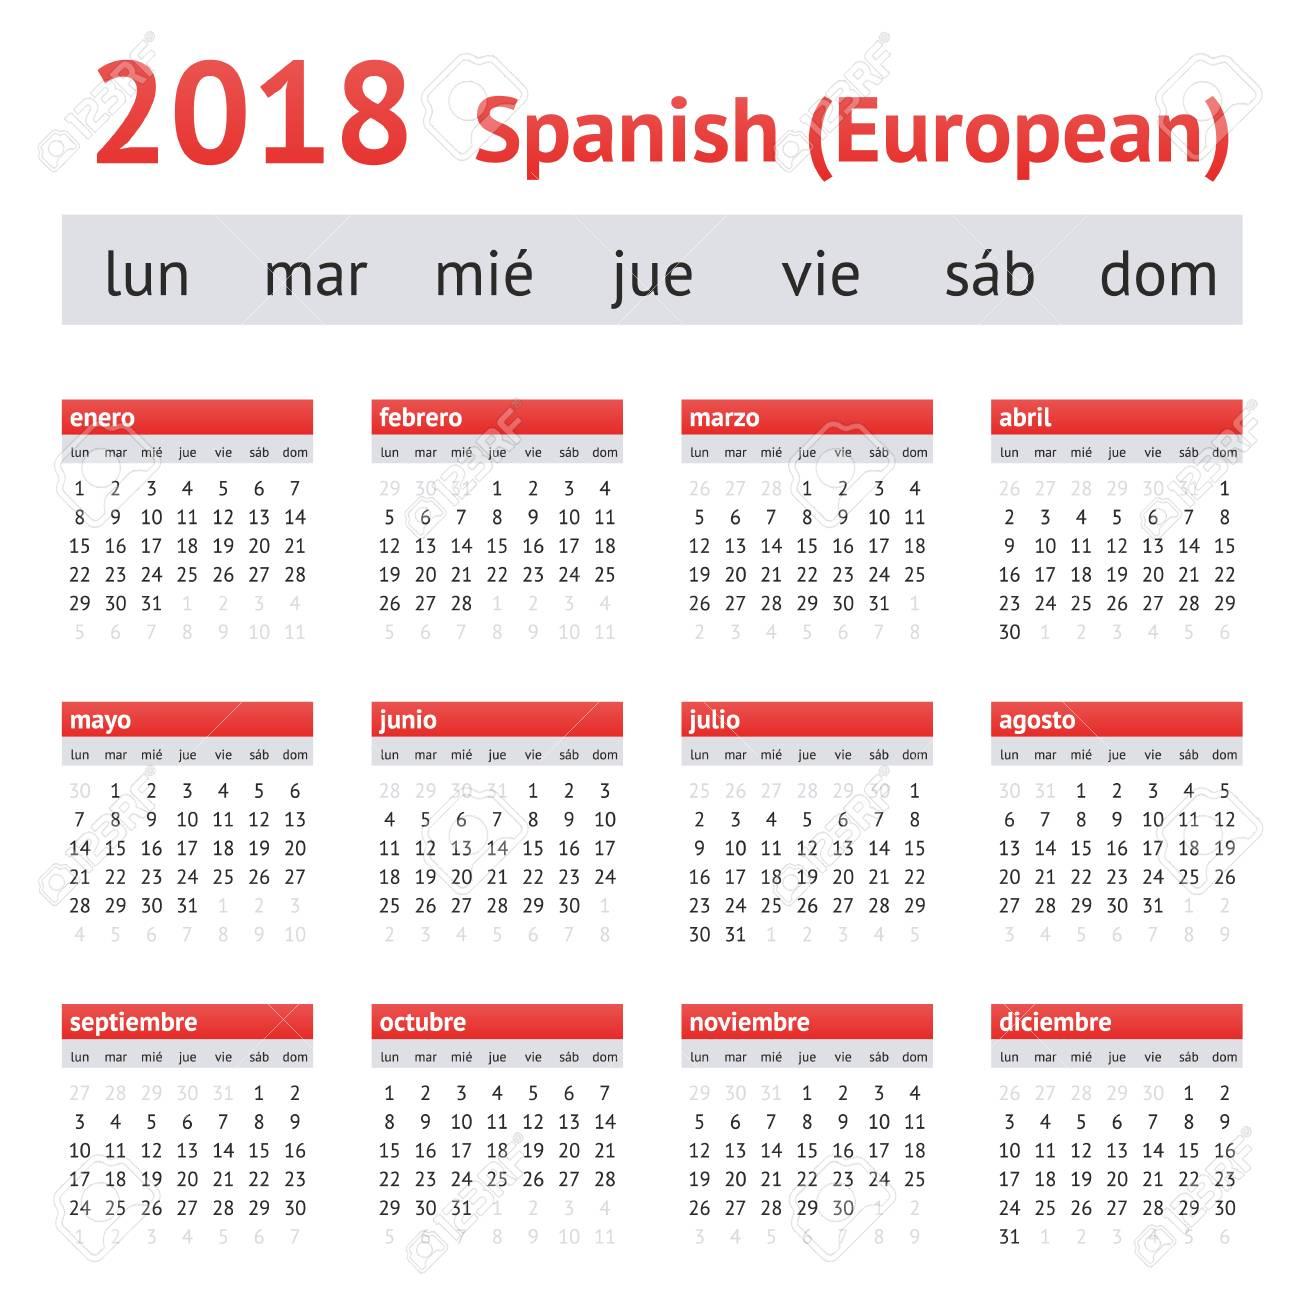 Calendario Spagnolo.Calendario 2018 Spagna Calendario Spagnolo Europeo La Settimana Inizia Il Lunedi